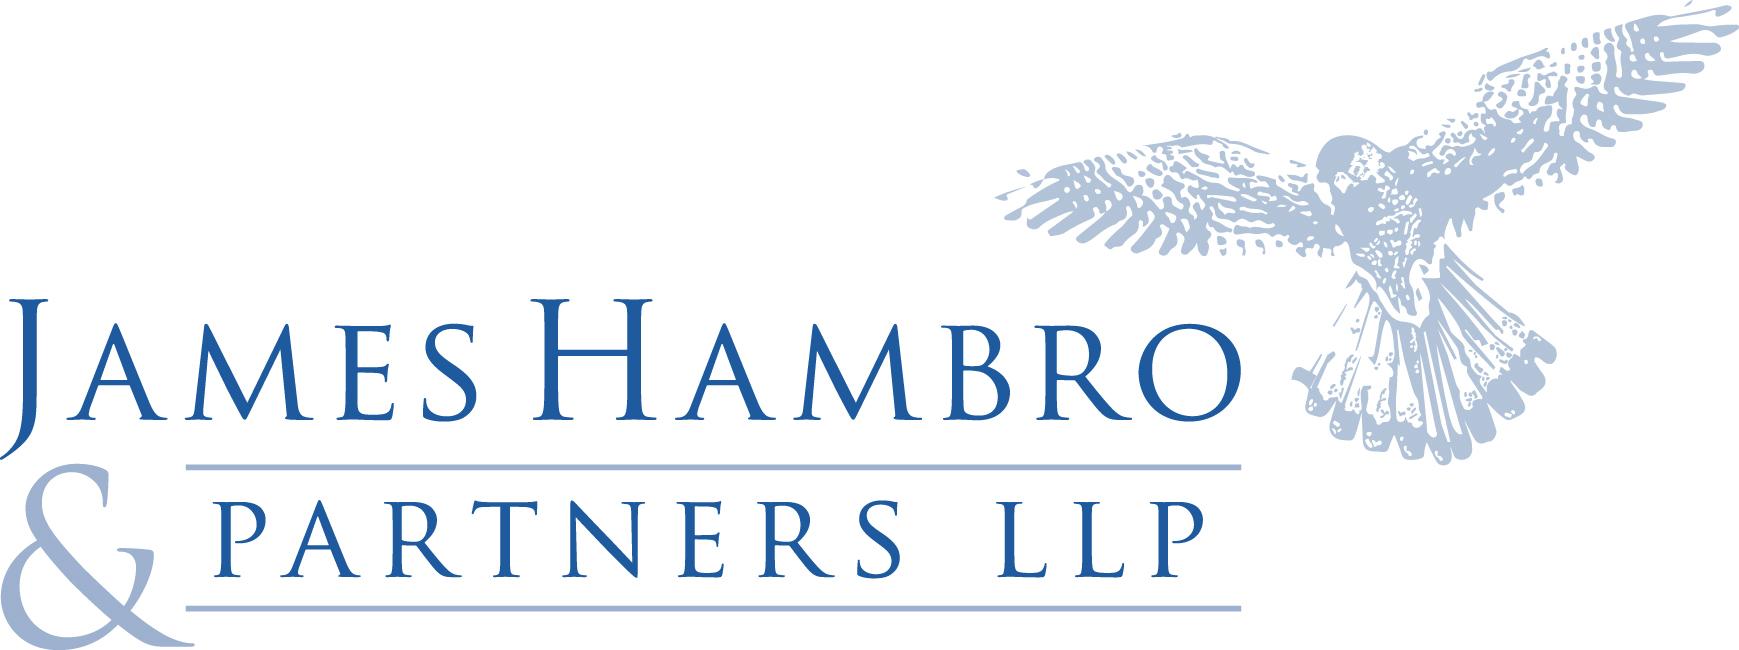 James Hambro logo